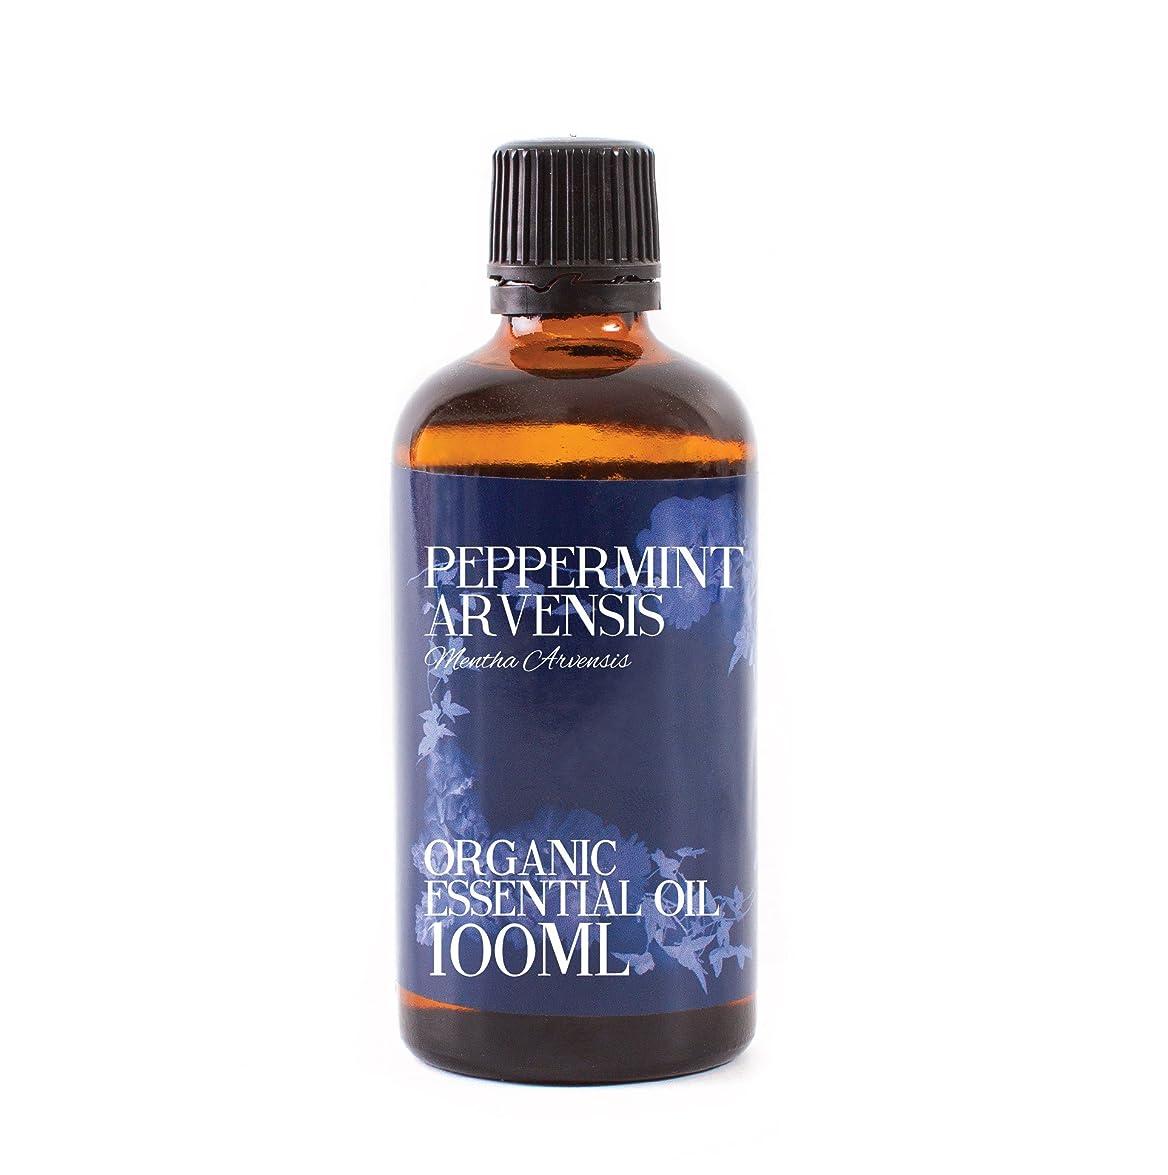 柔らかい足ヘア影響するMystic Moments | Peppermint Arvensis Organic Essential Oil - 100ml - 100% Pure